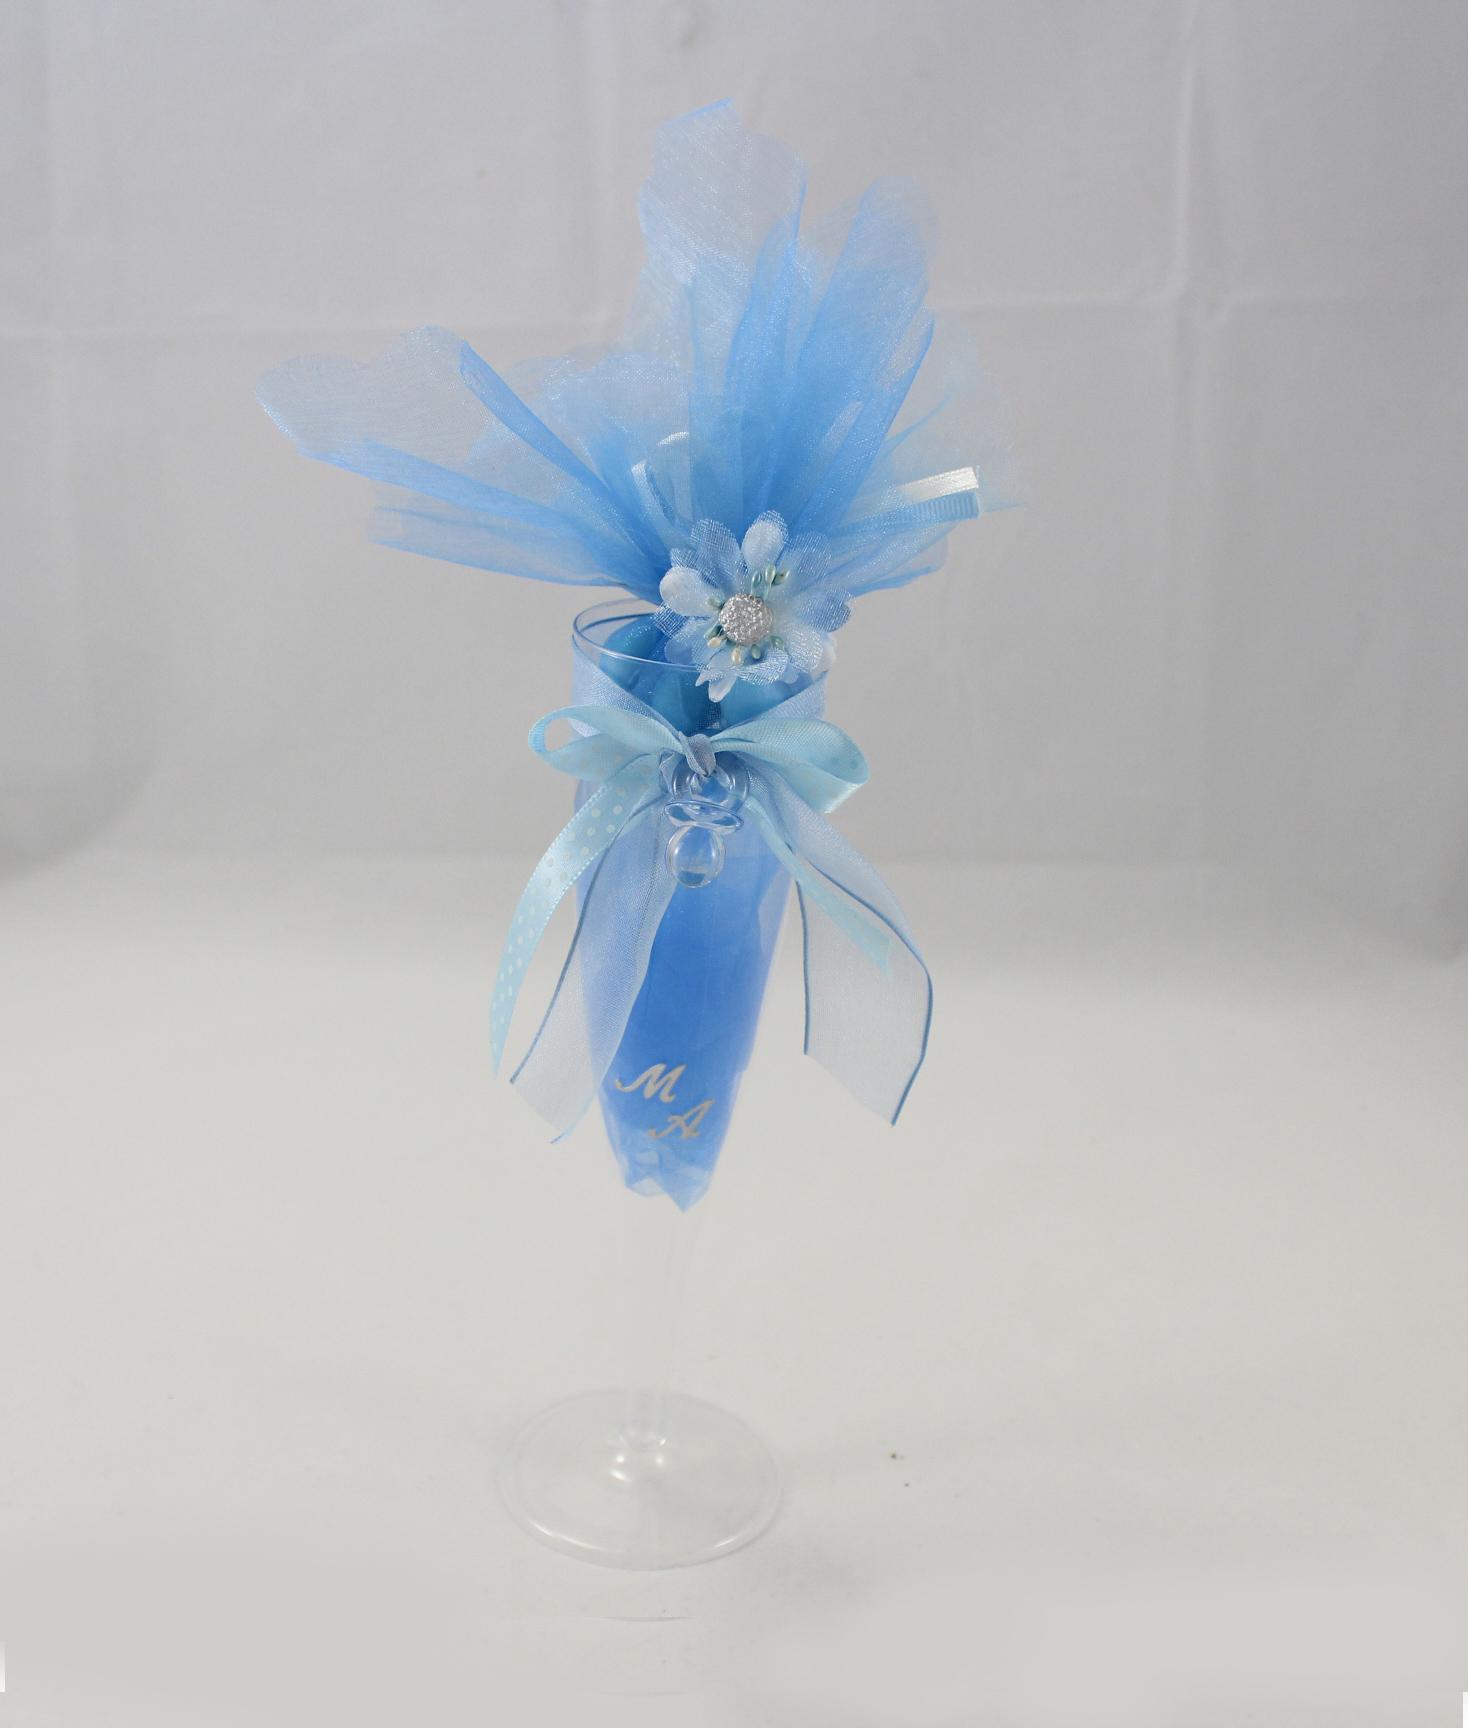 Bomboniera Matrimonio Azzurro : Segnaposto bicchiere bomboniera azzurro nonsolocerimonie.it